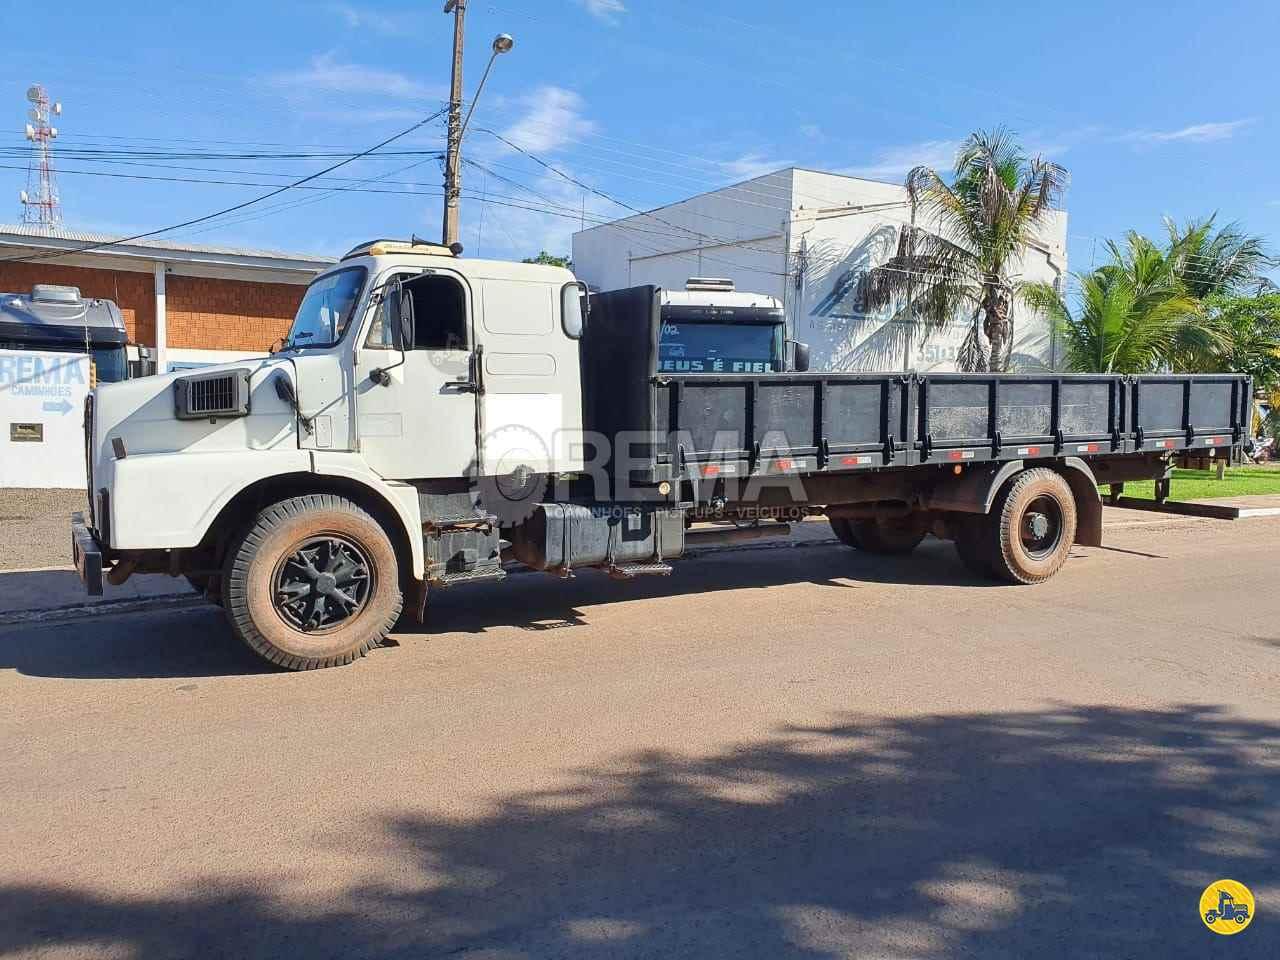 CAMINHAO VOLVO VOLVO NL10 320 Carga Seca Toco 4x2 Rema Caminhões - MS CAMPO GRANDE MATO GROSSO DO SUL MS